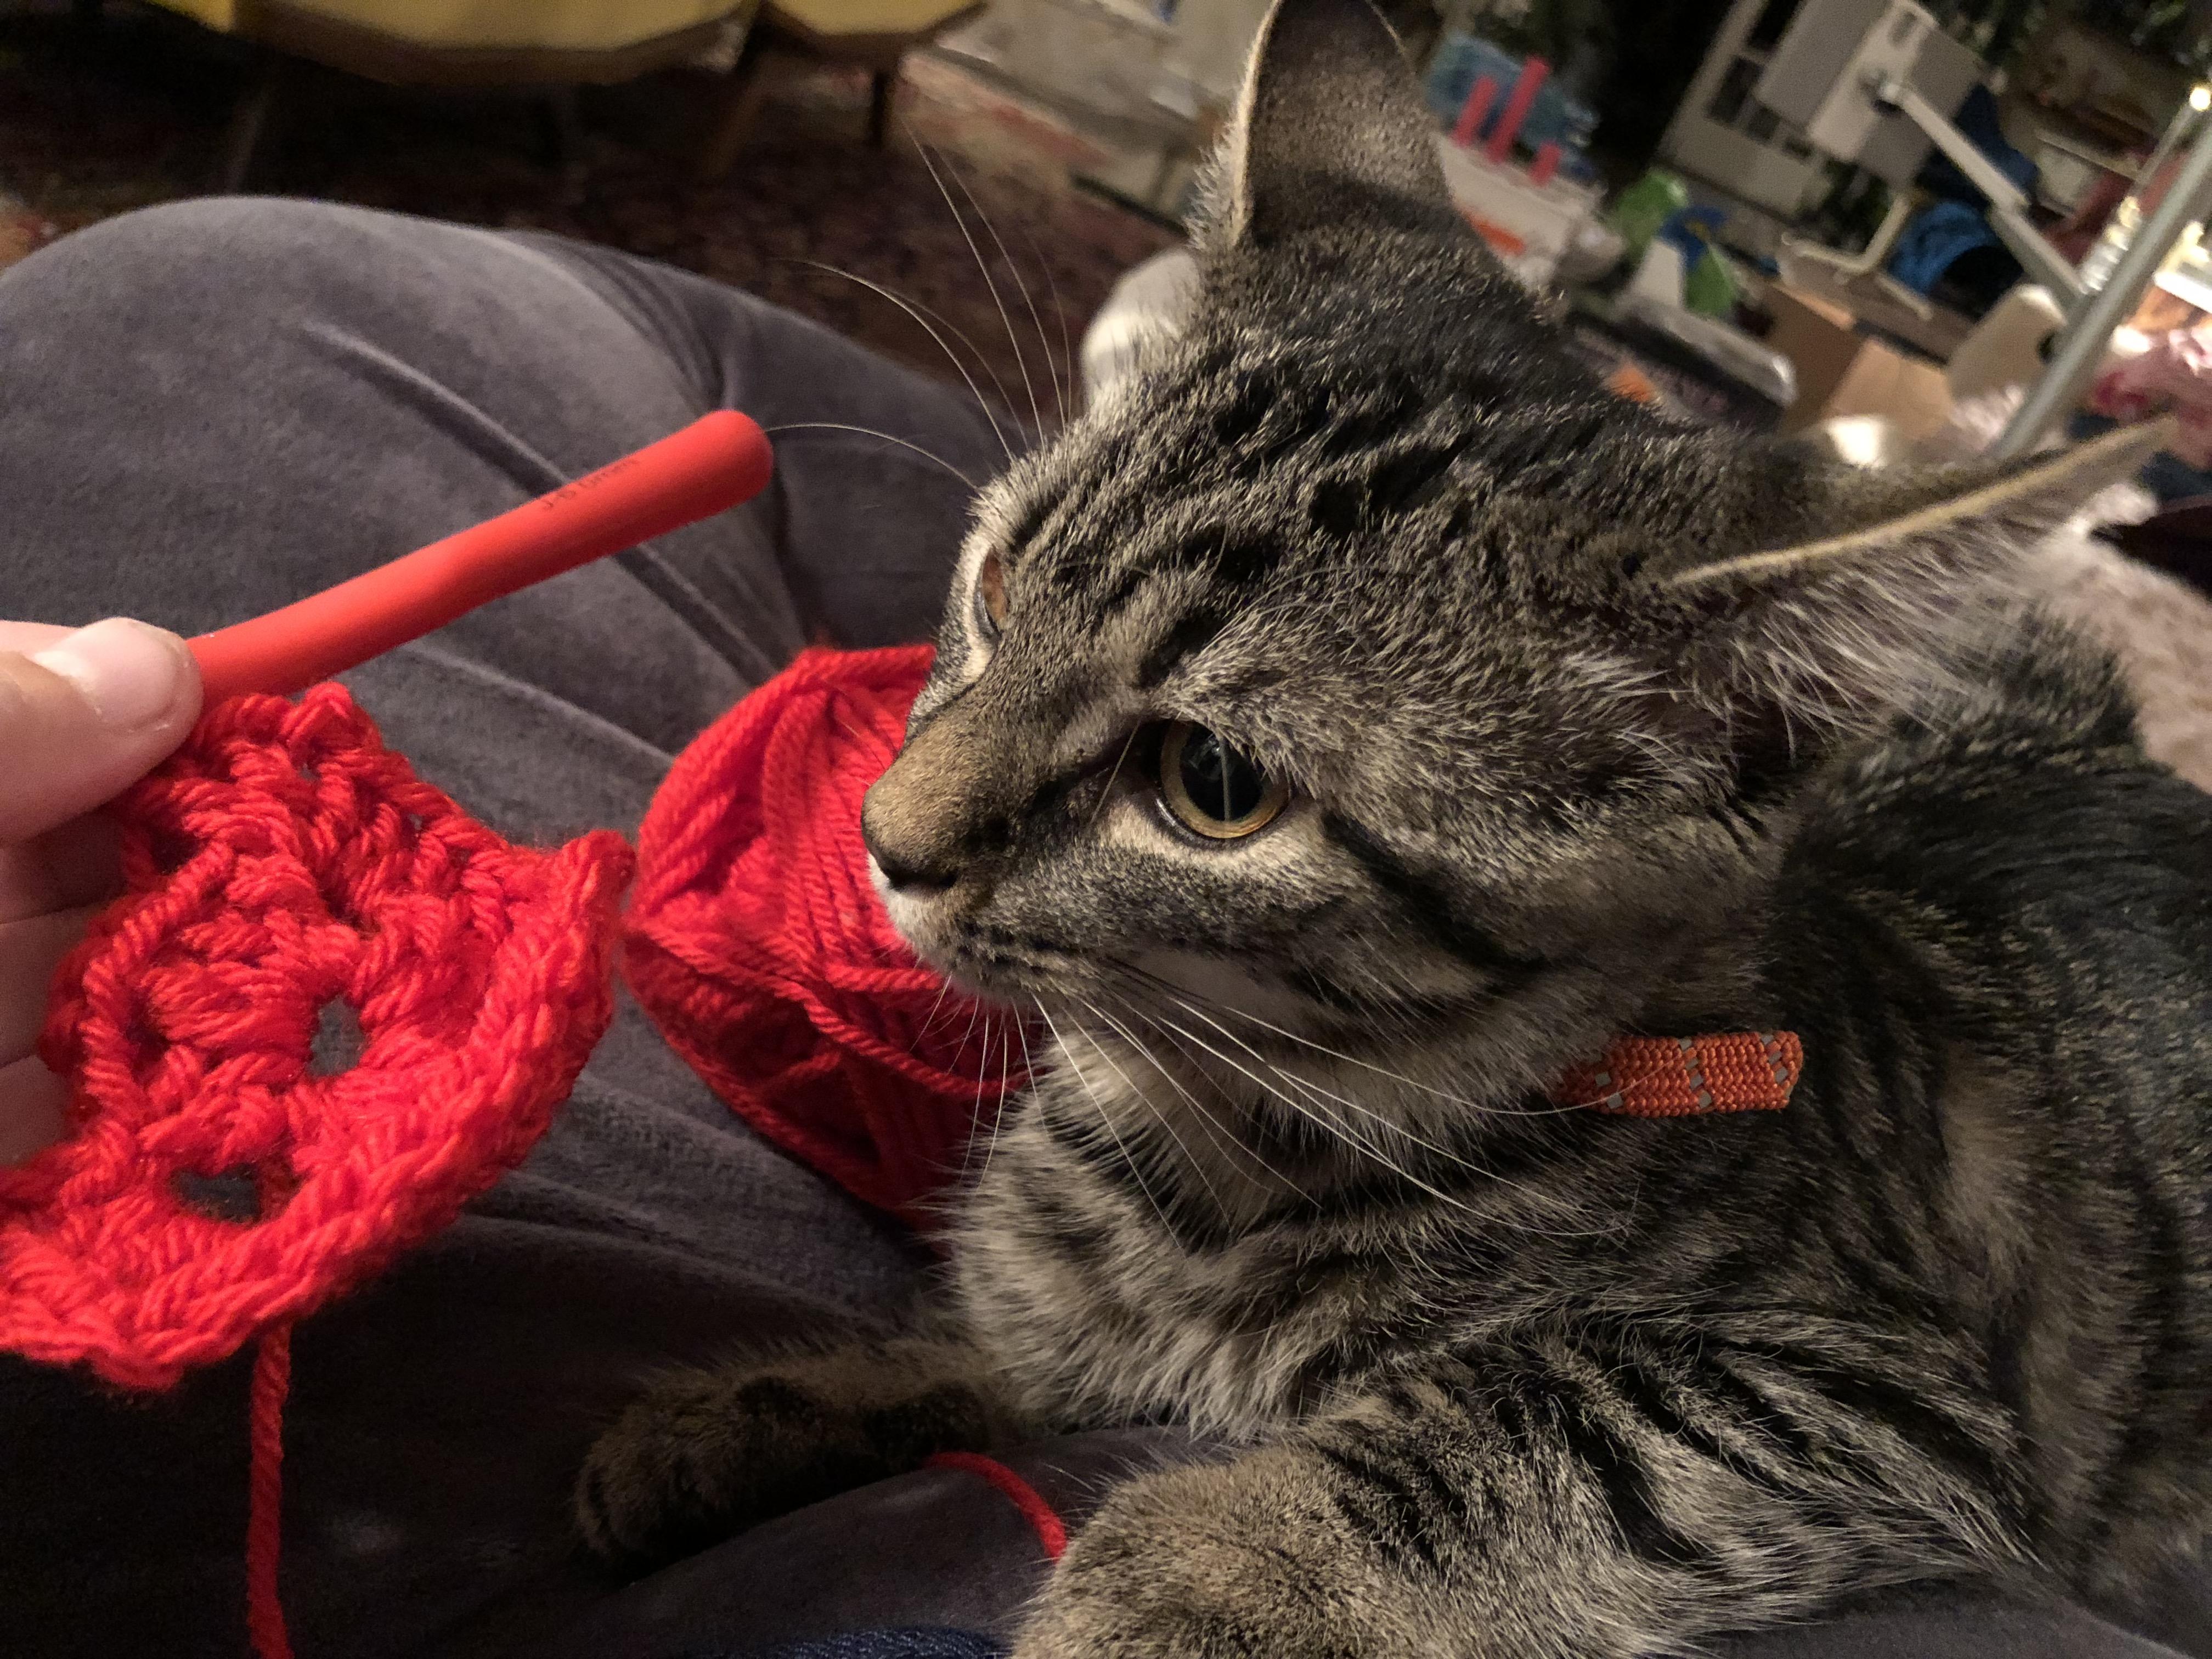 Henry the Kitten